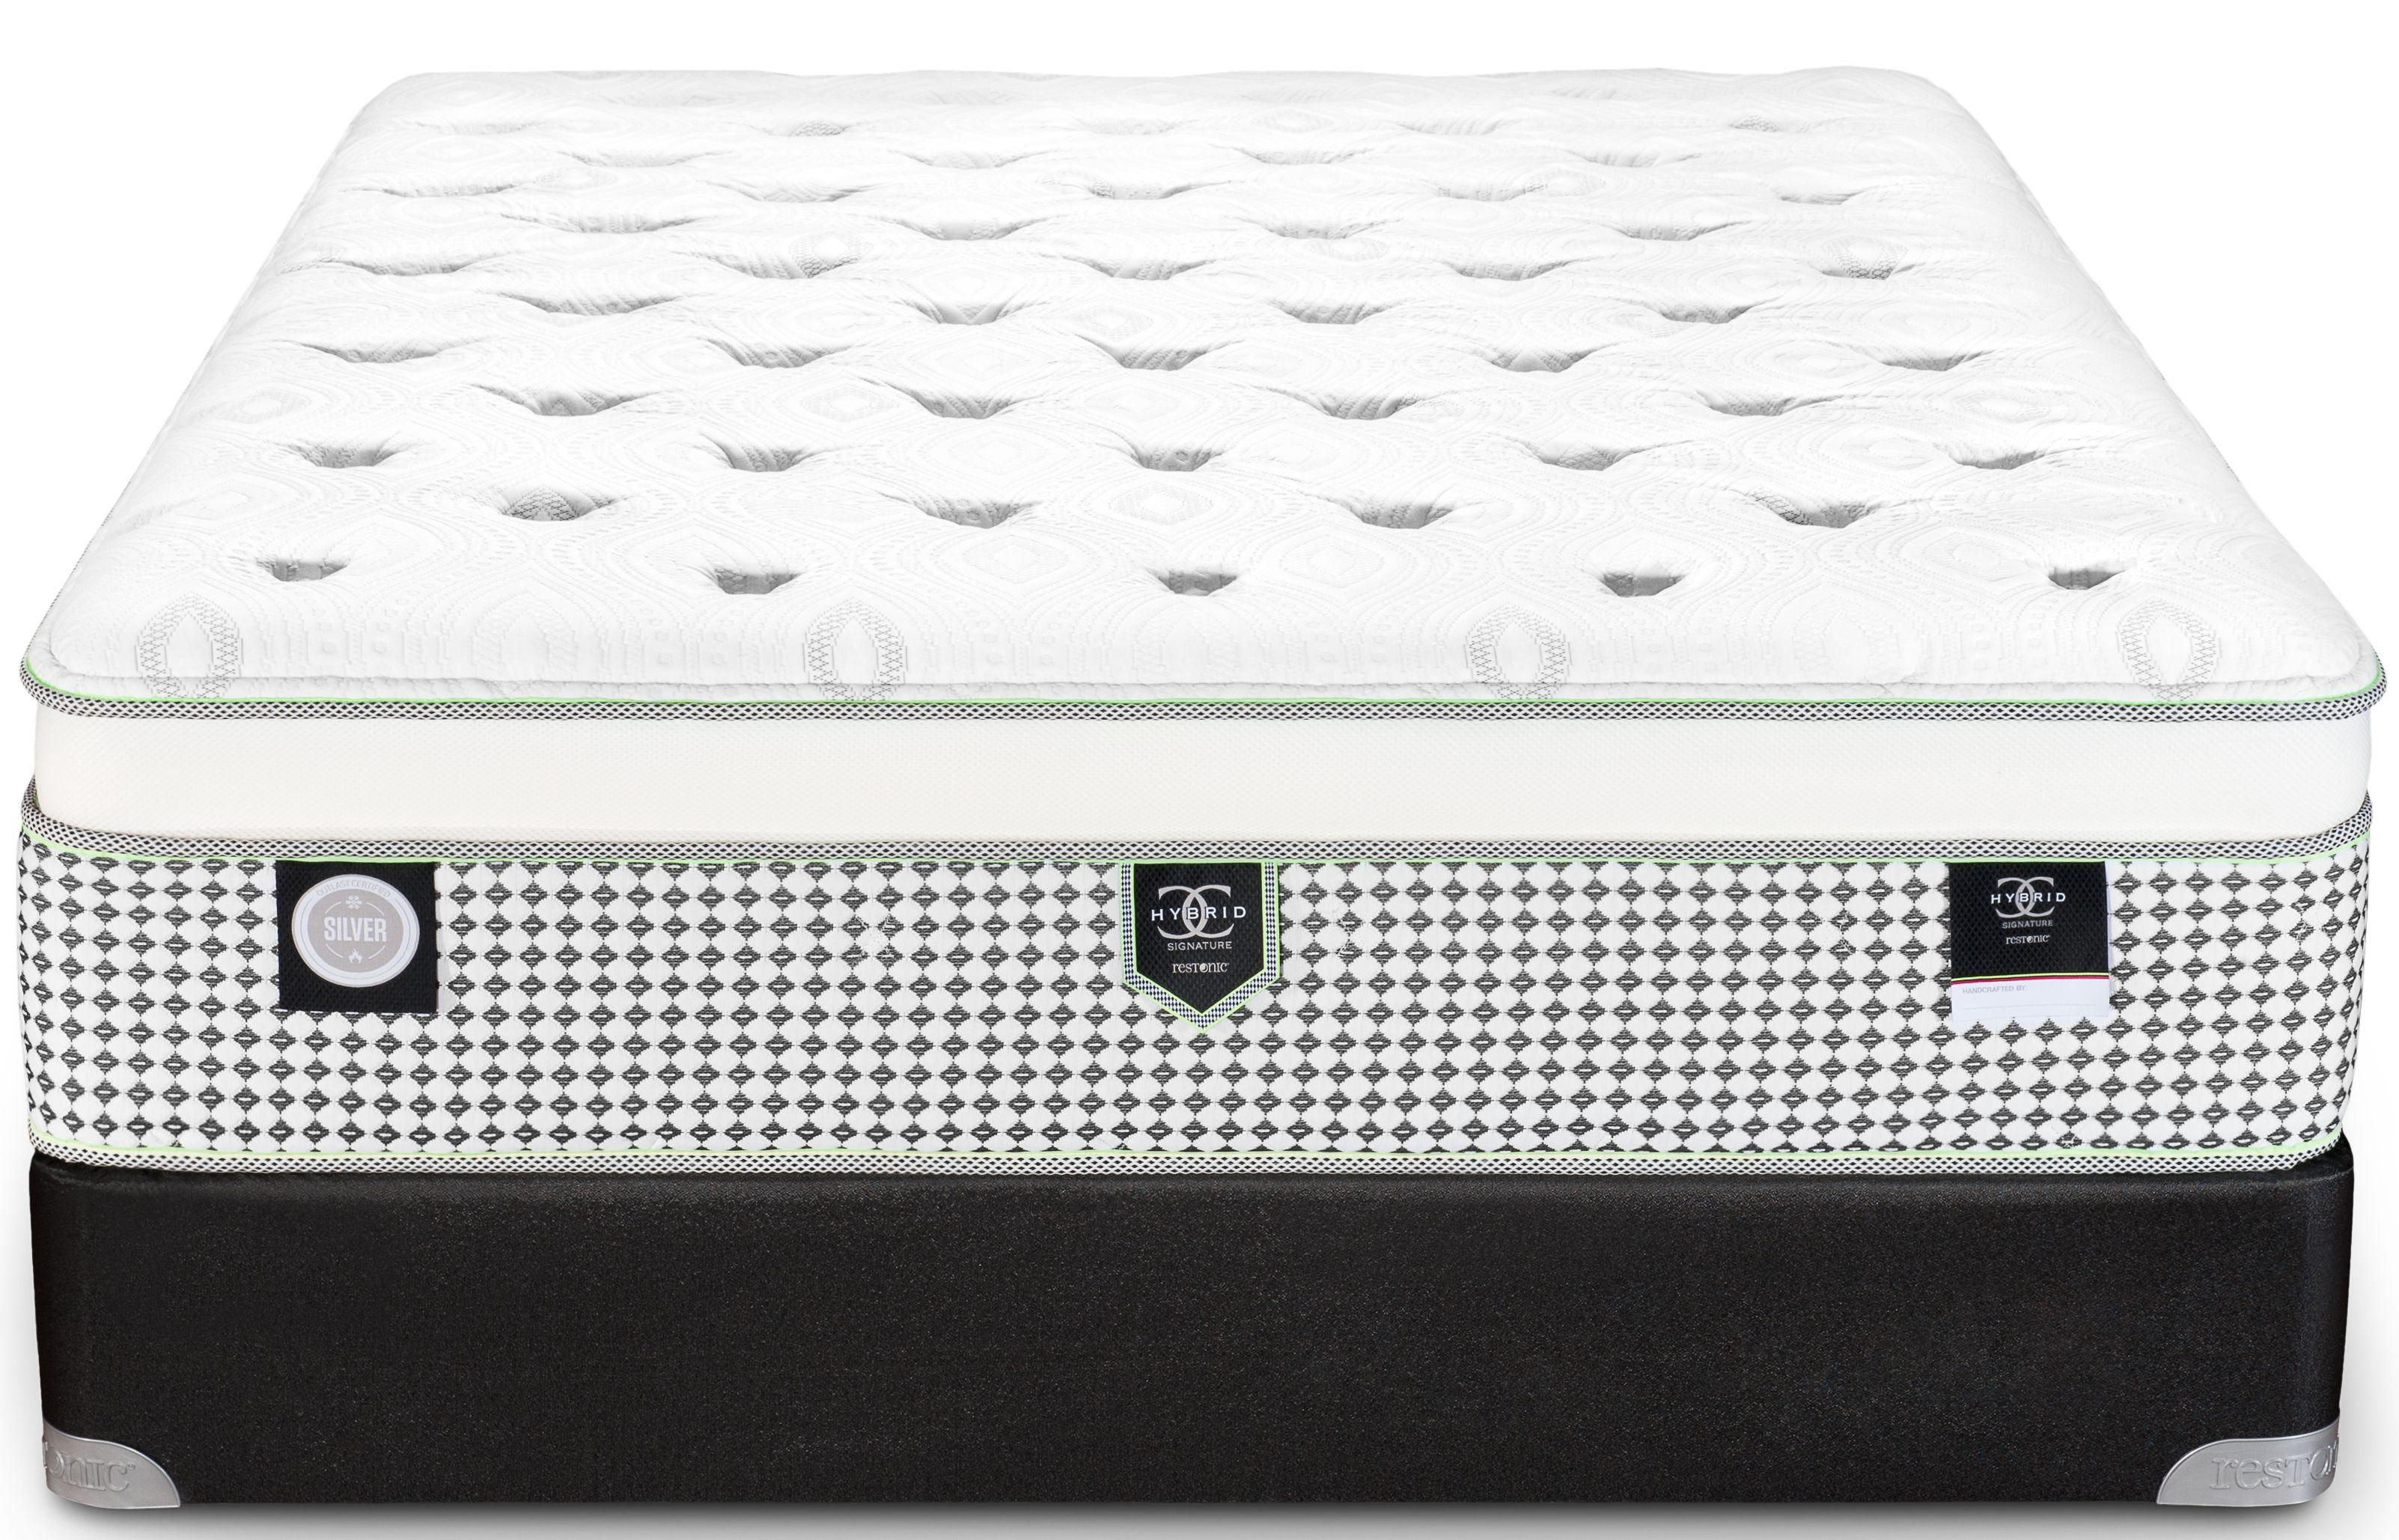 size restonic queen reviews westchester mattresses shop for a set sale mattress beautyrest online